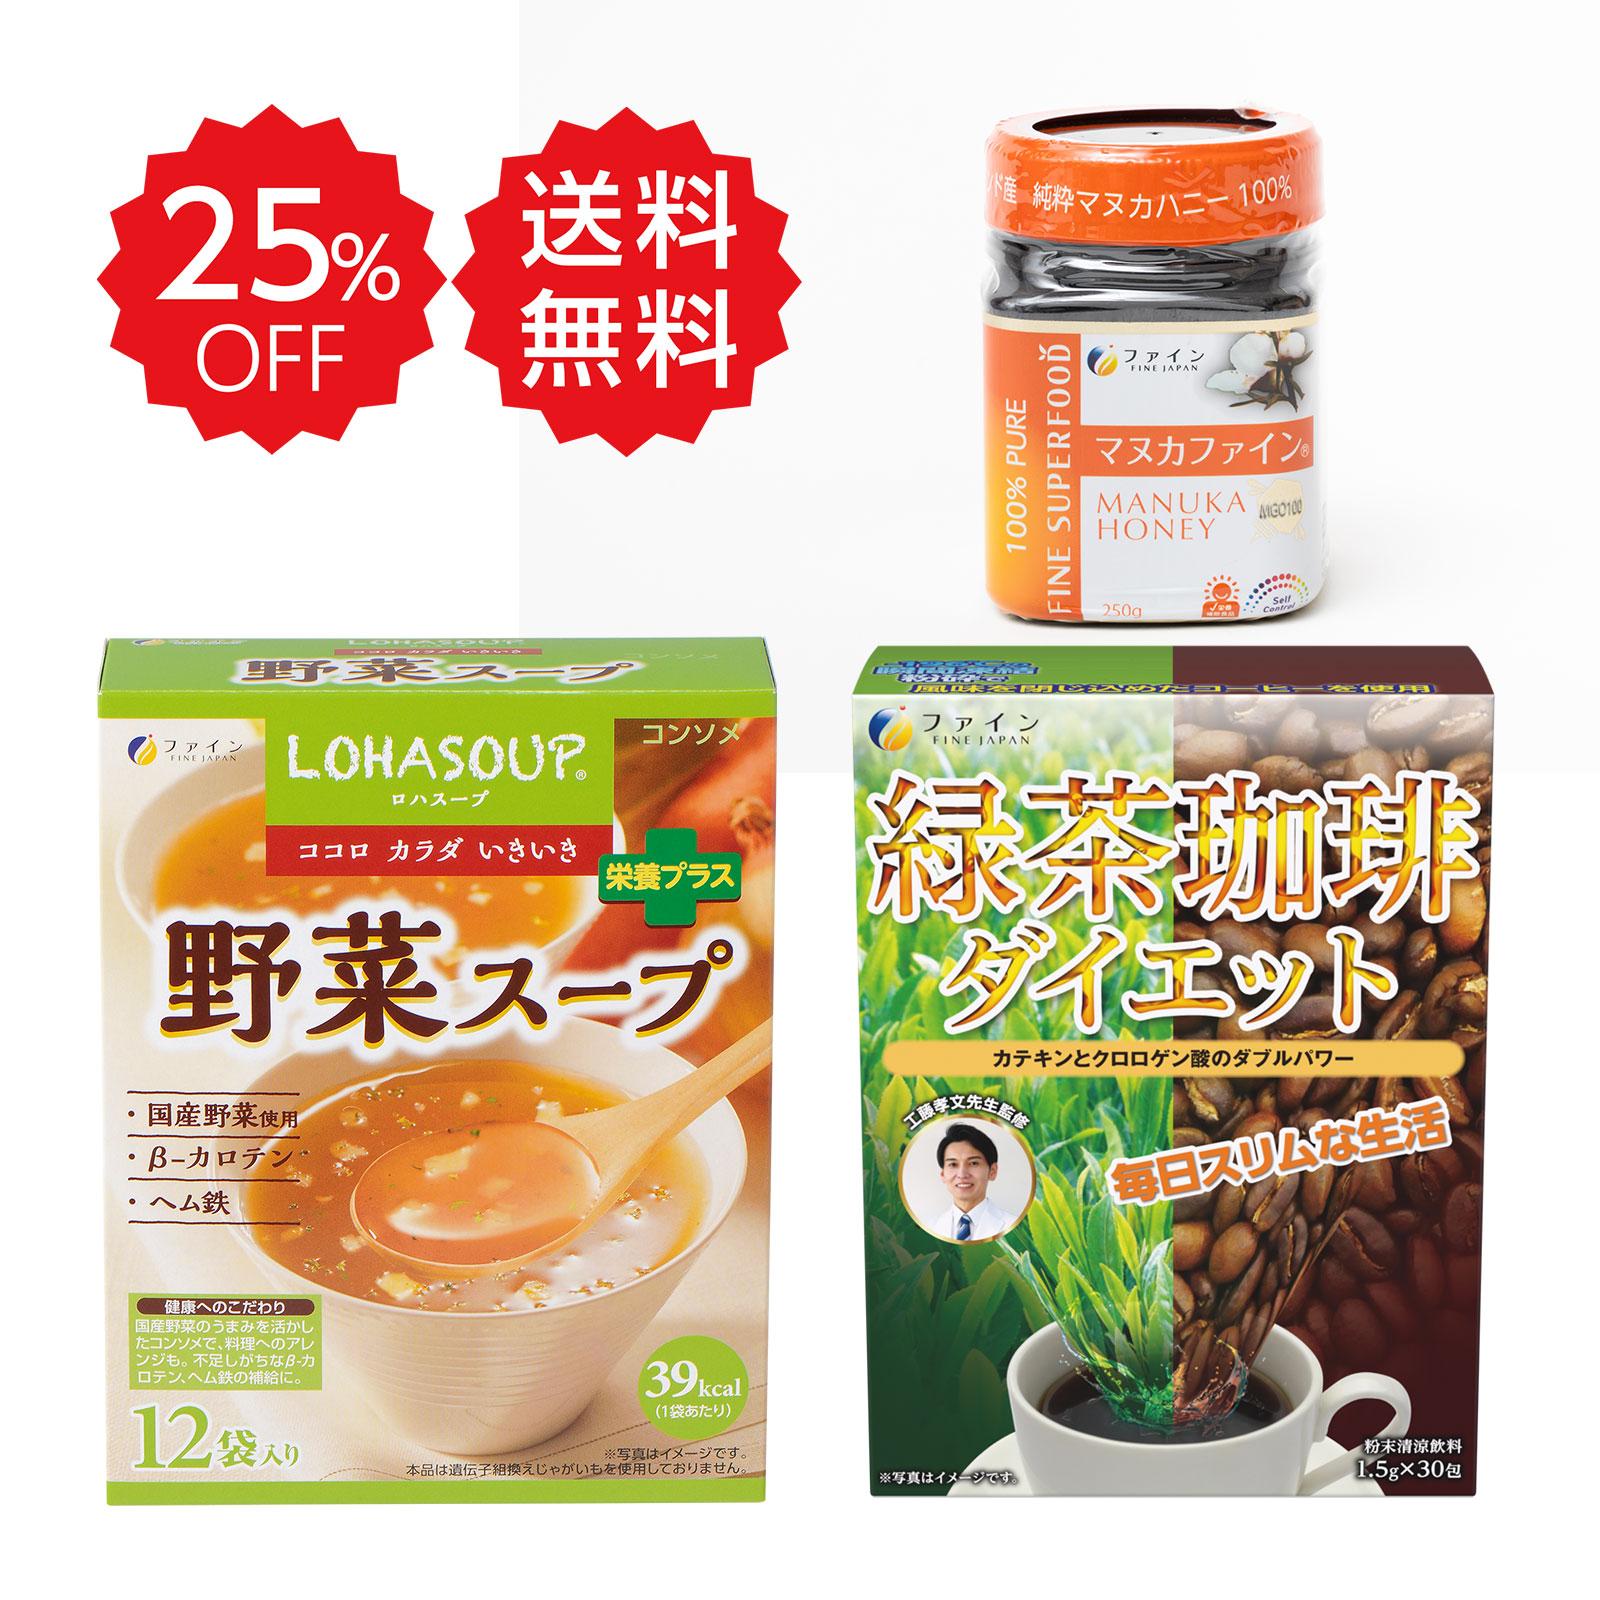 マヌカファイン+野菜スープ+緑茶珈琲ダイエット